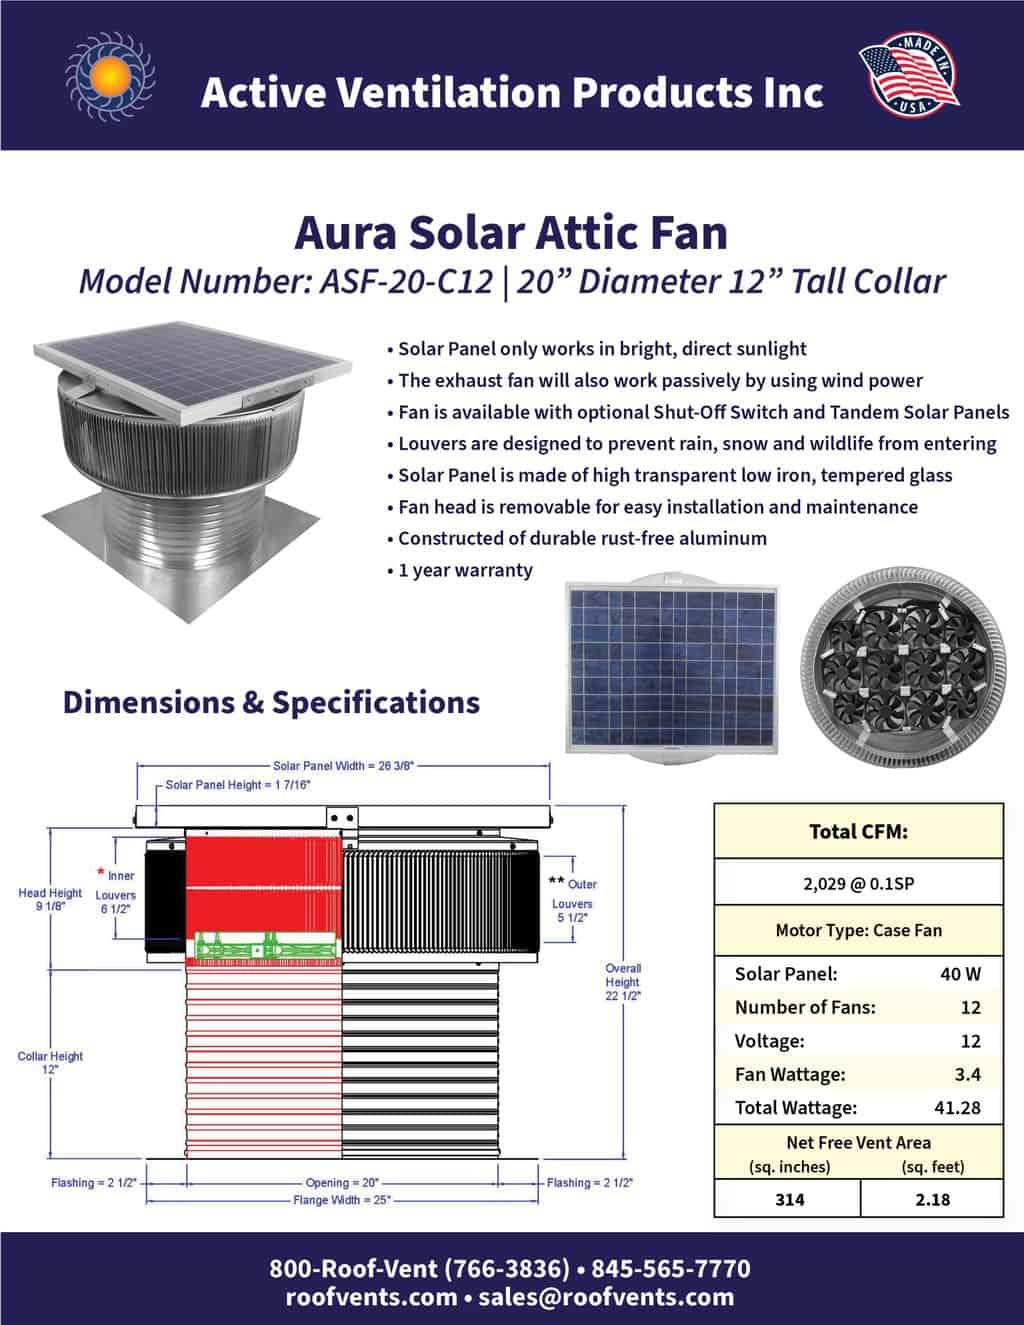 ASF-20-C12-brochure